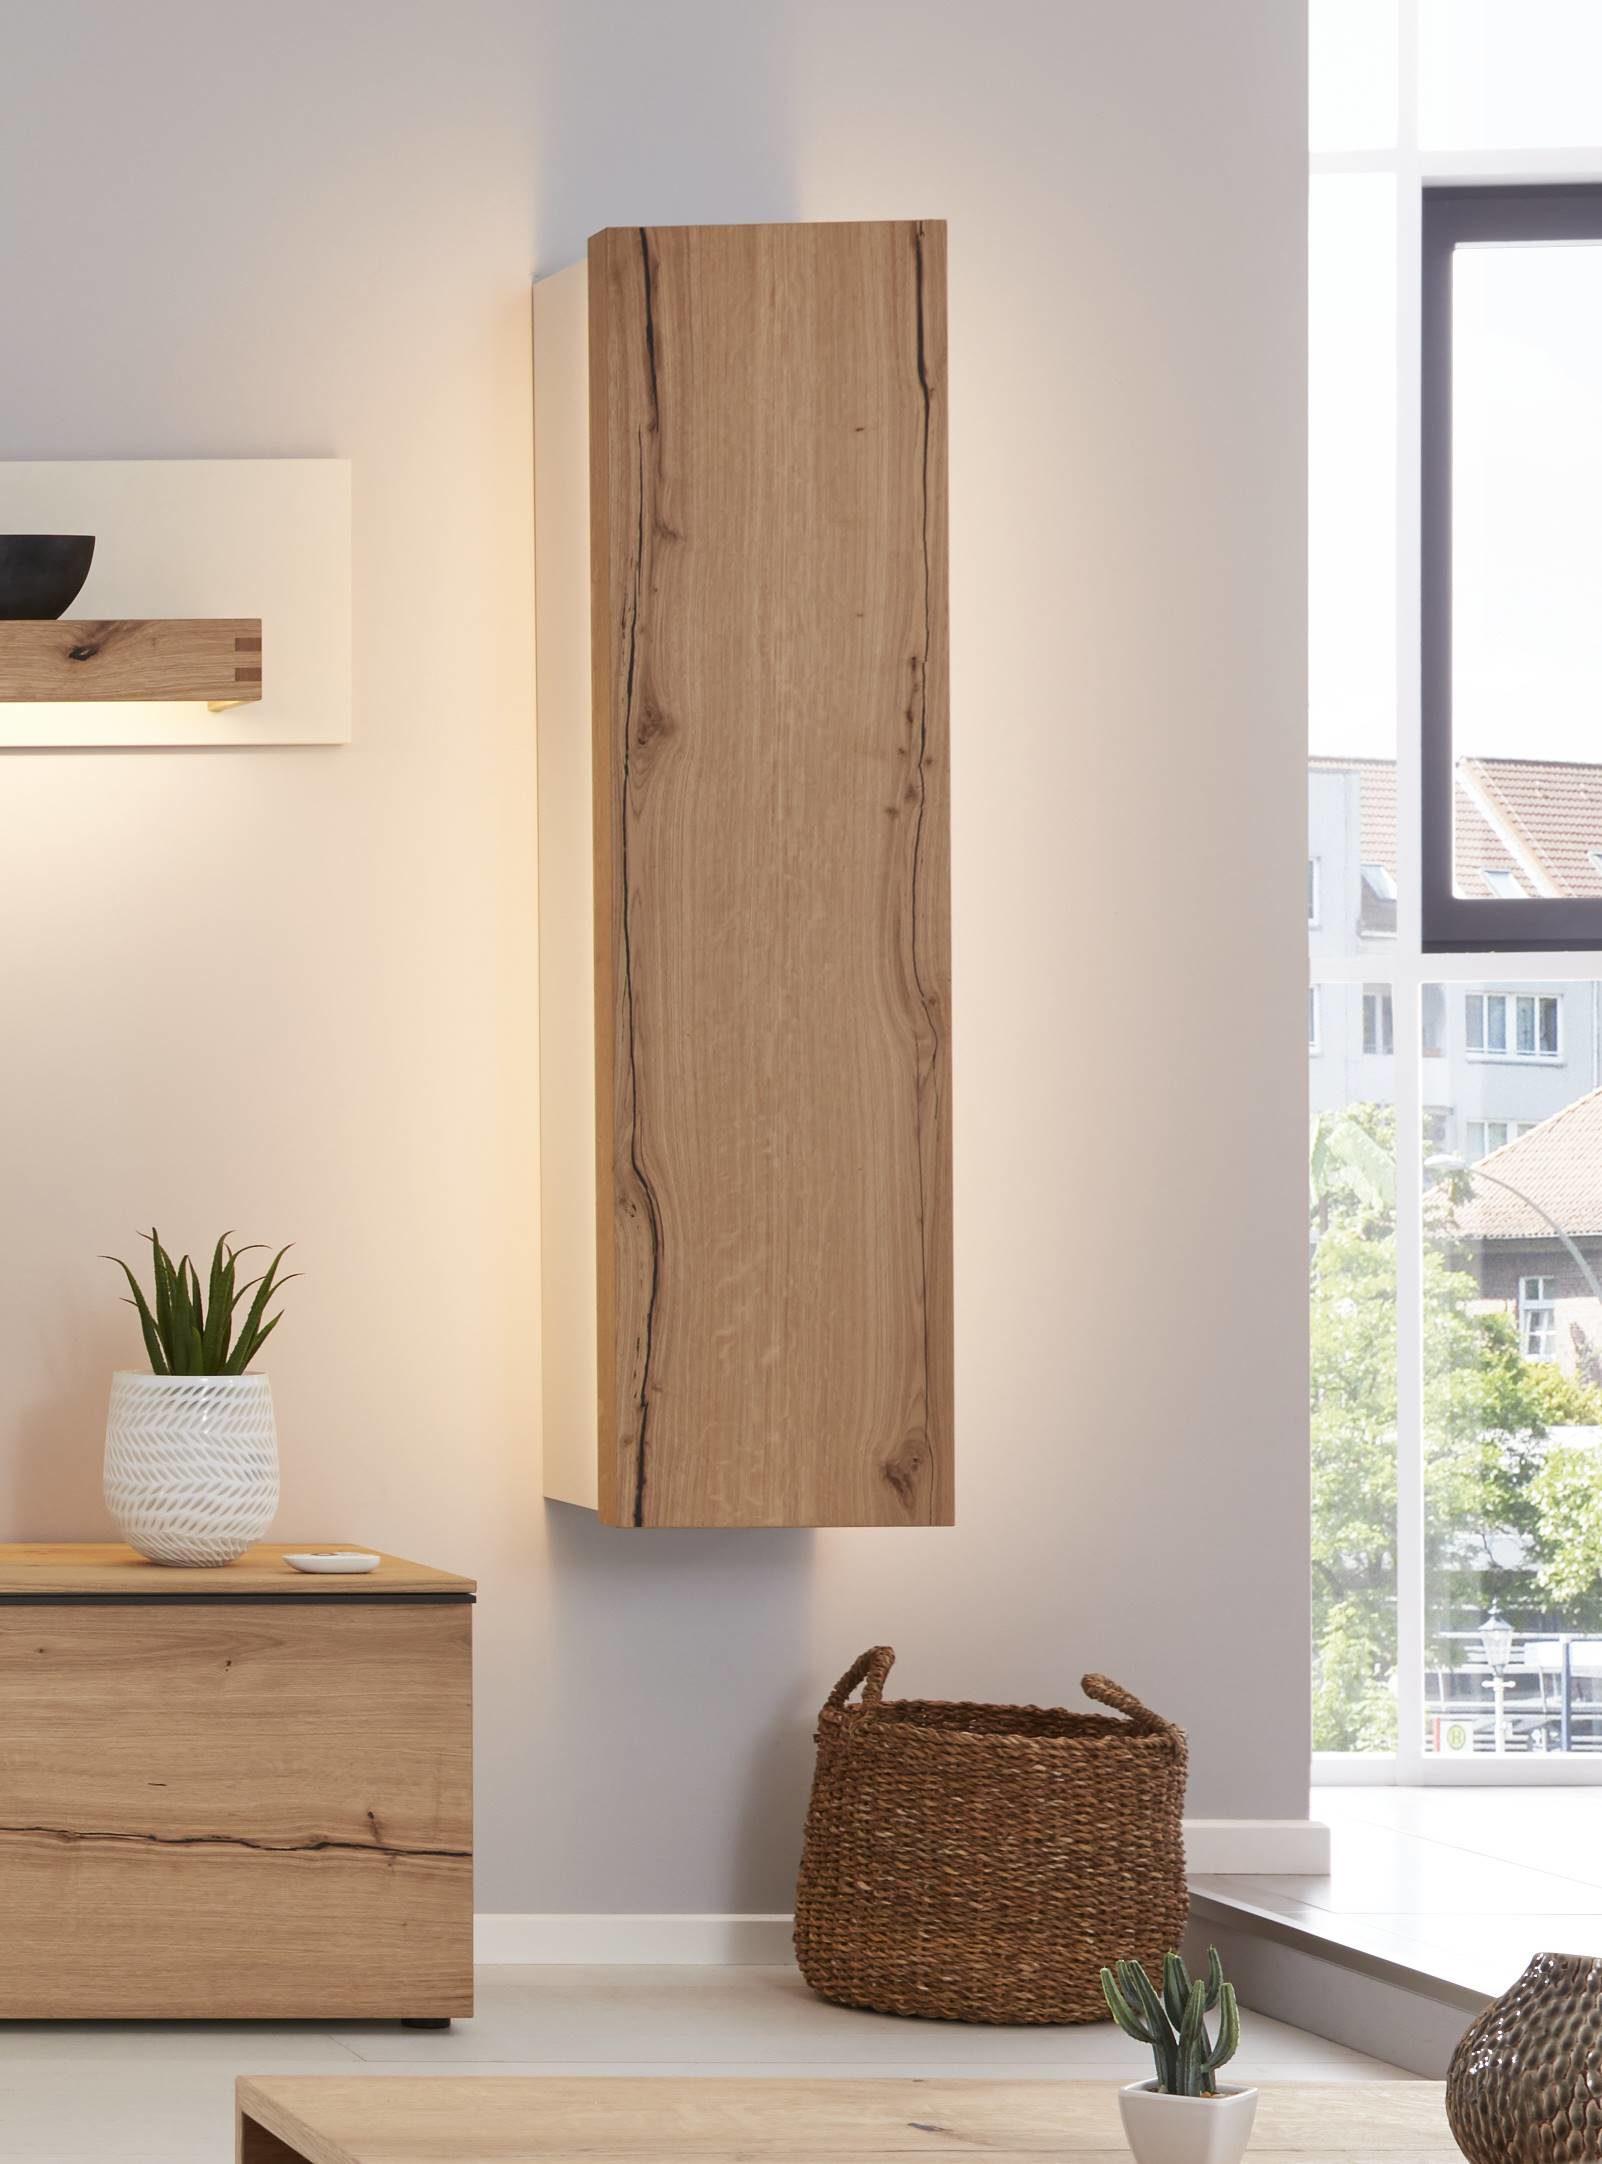 Interliving Wohnzimmer Serie 16 – Hängeelement mit Beleuchtung,  mattweißer Lack & Asteiche – eine Tür, rechts, Höhe ca